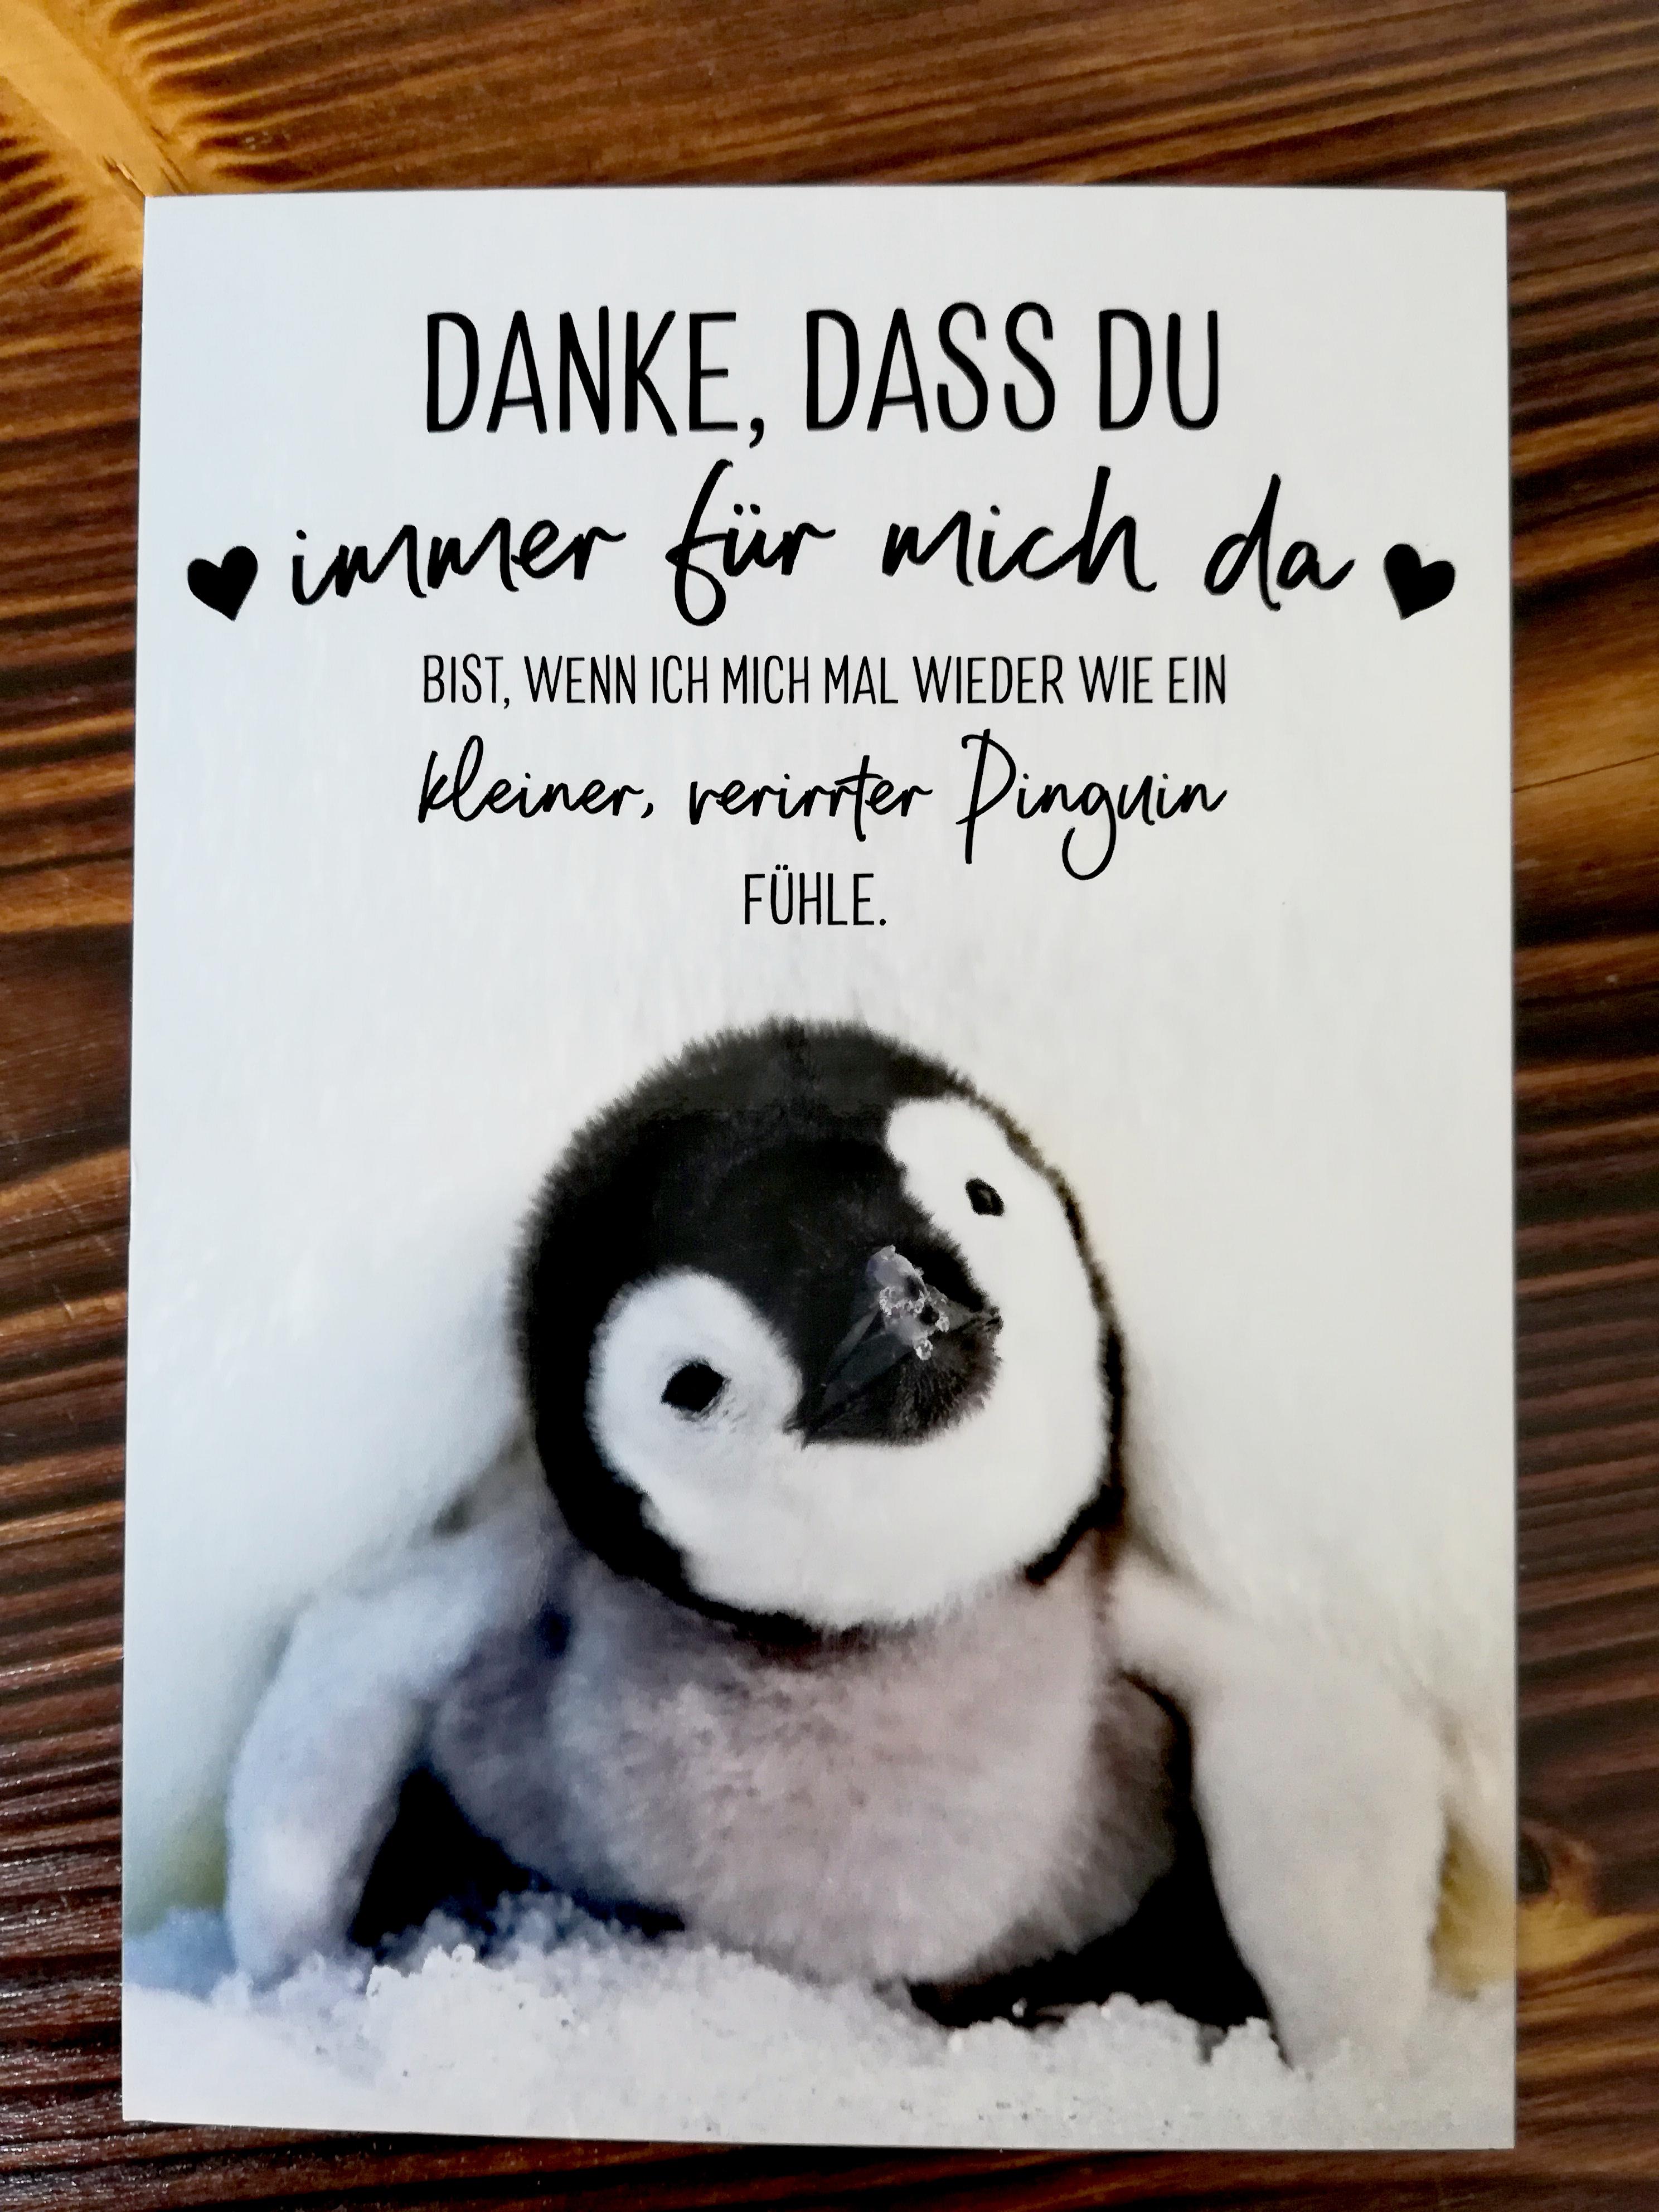 Danke, dass du immer für mich da bist - Pinguin